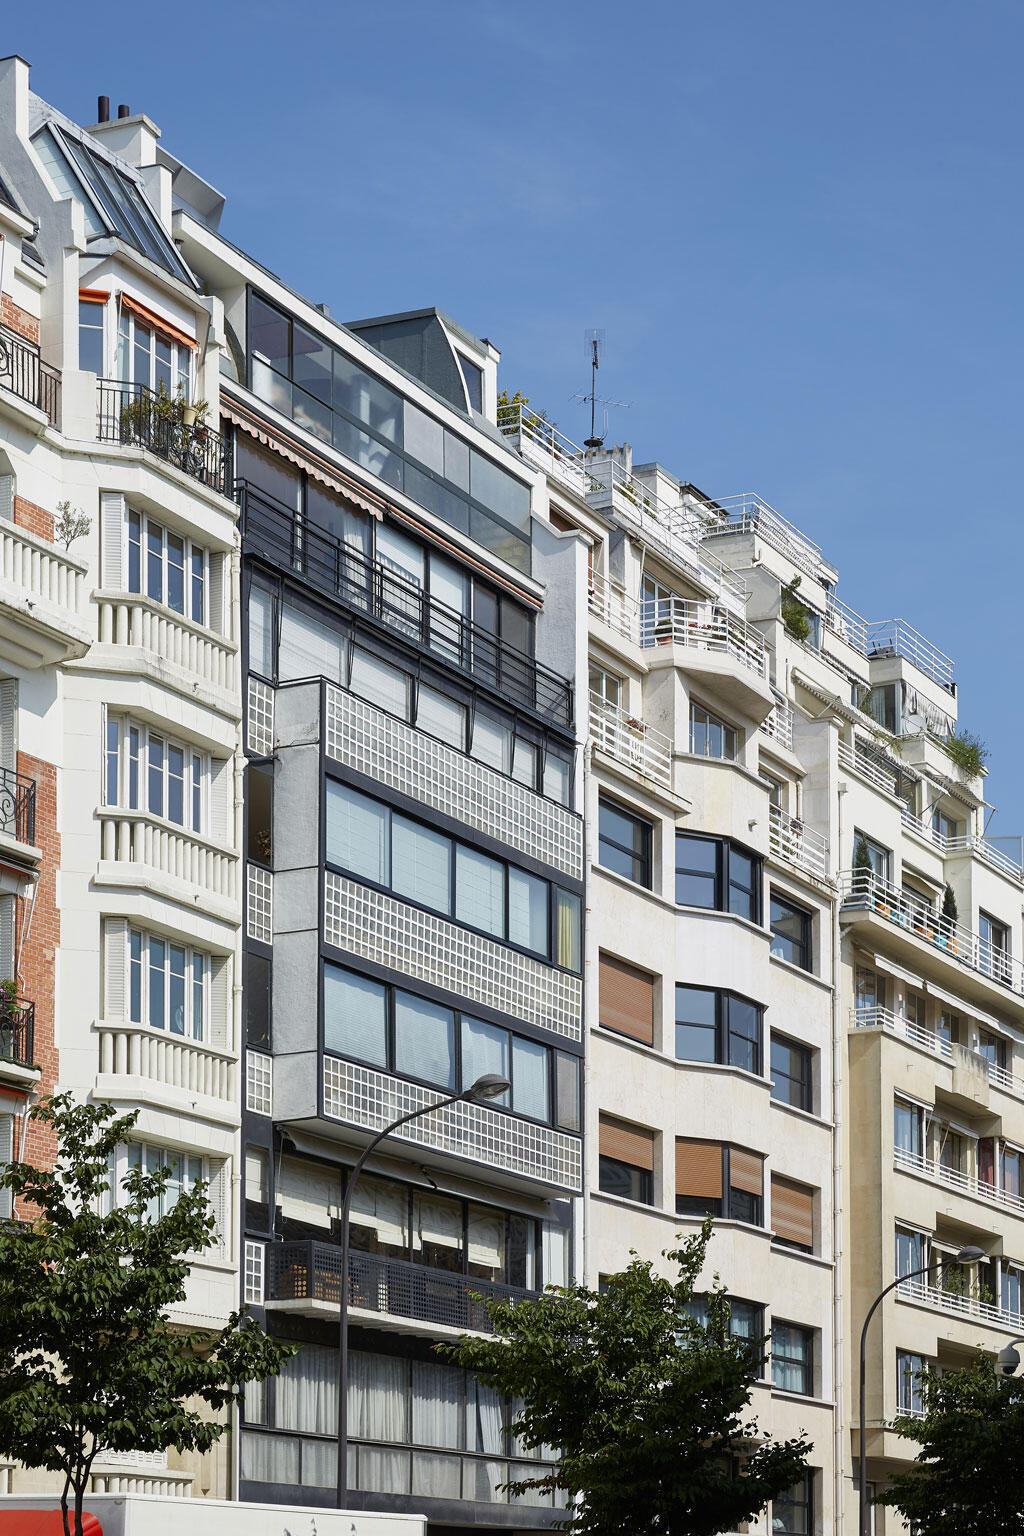 Apartamento-ateliê de Le Corbusier